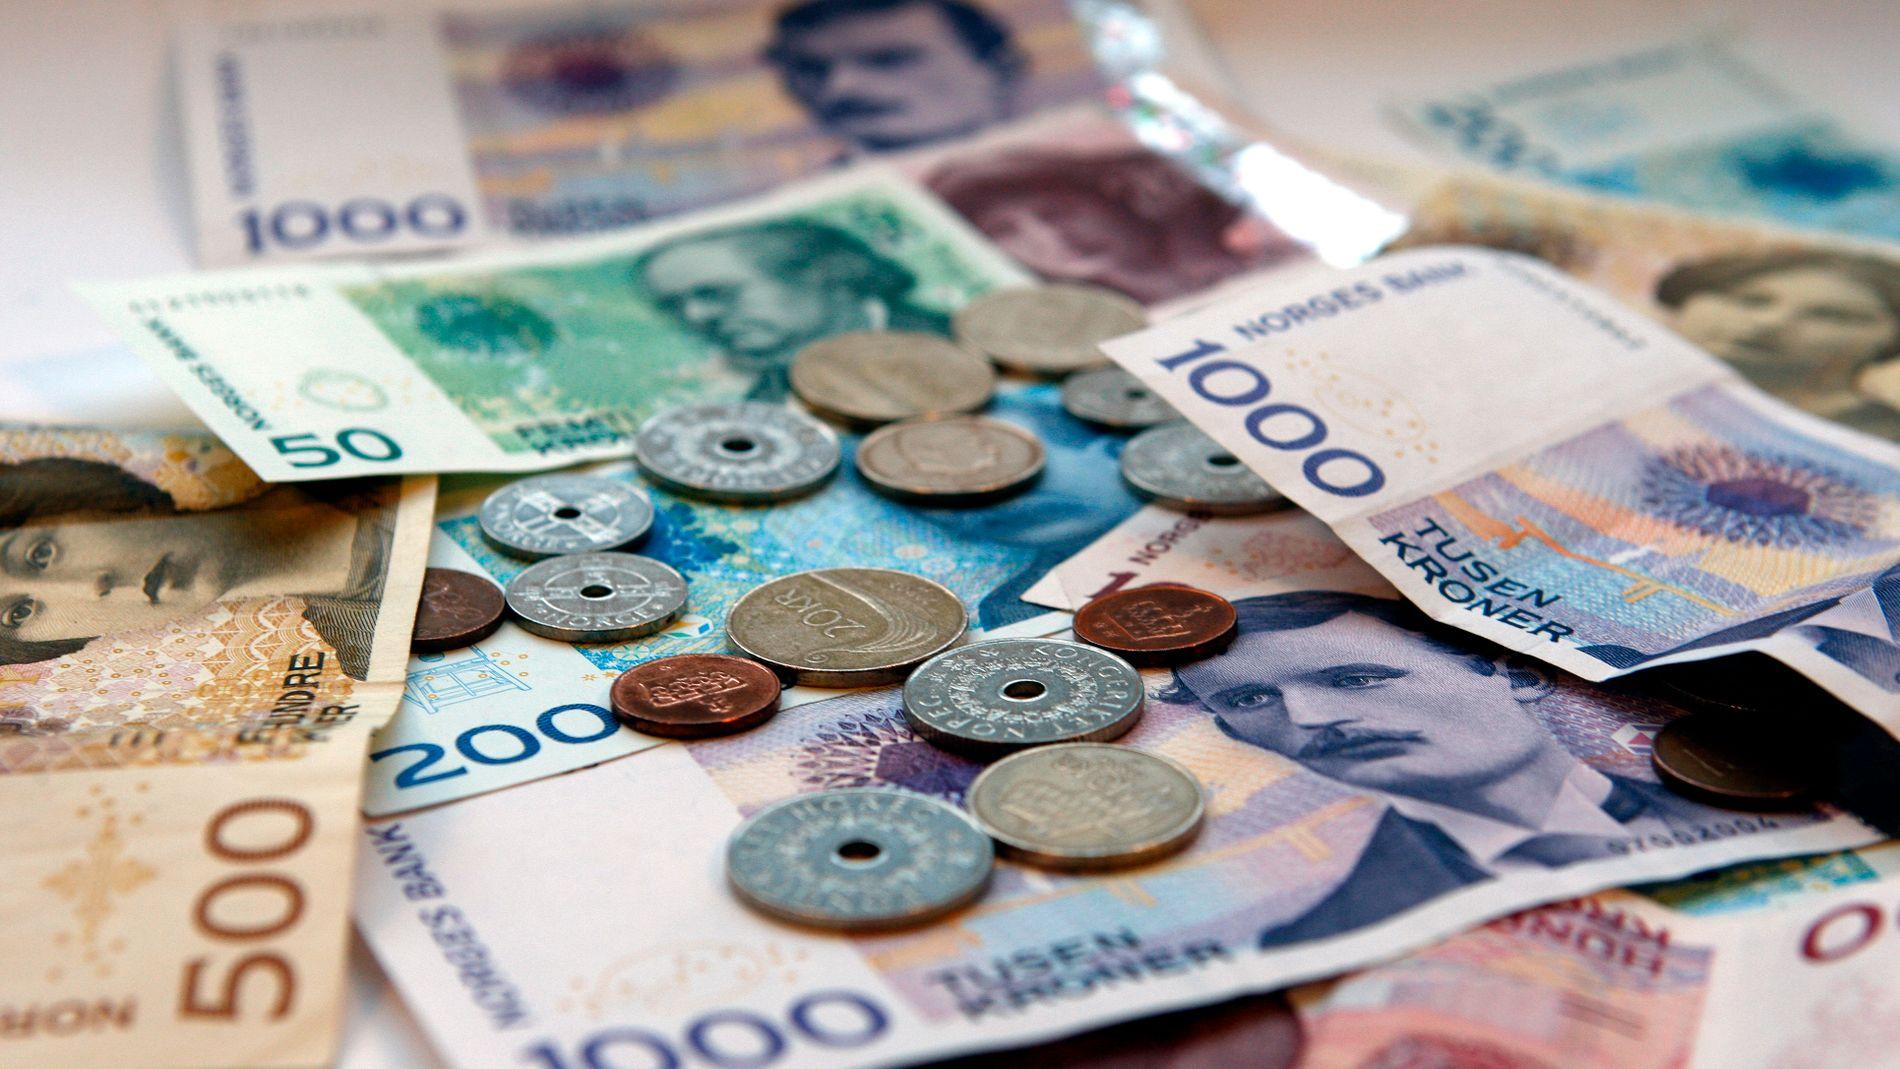 ROGALAND: I Rogaland har antall inkassosaker knyttet til forbrukslån og kredittkort vokst med 50 prosent det siste året.